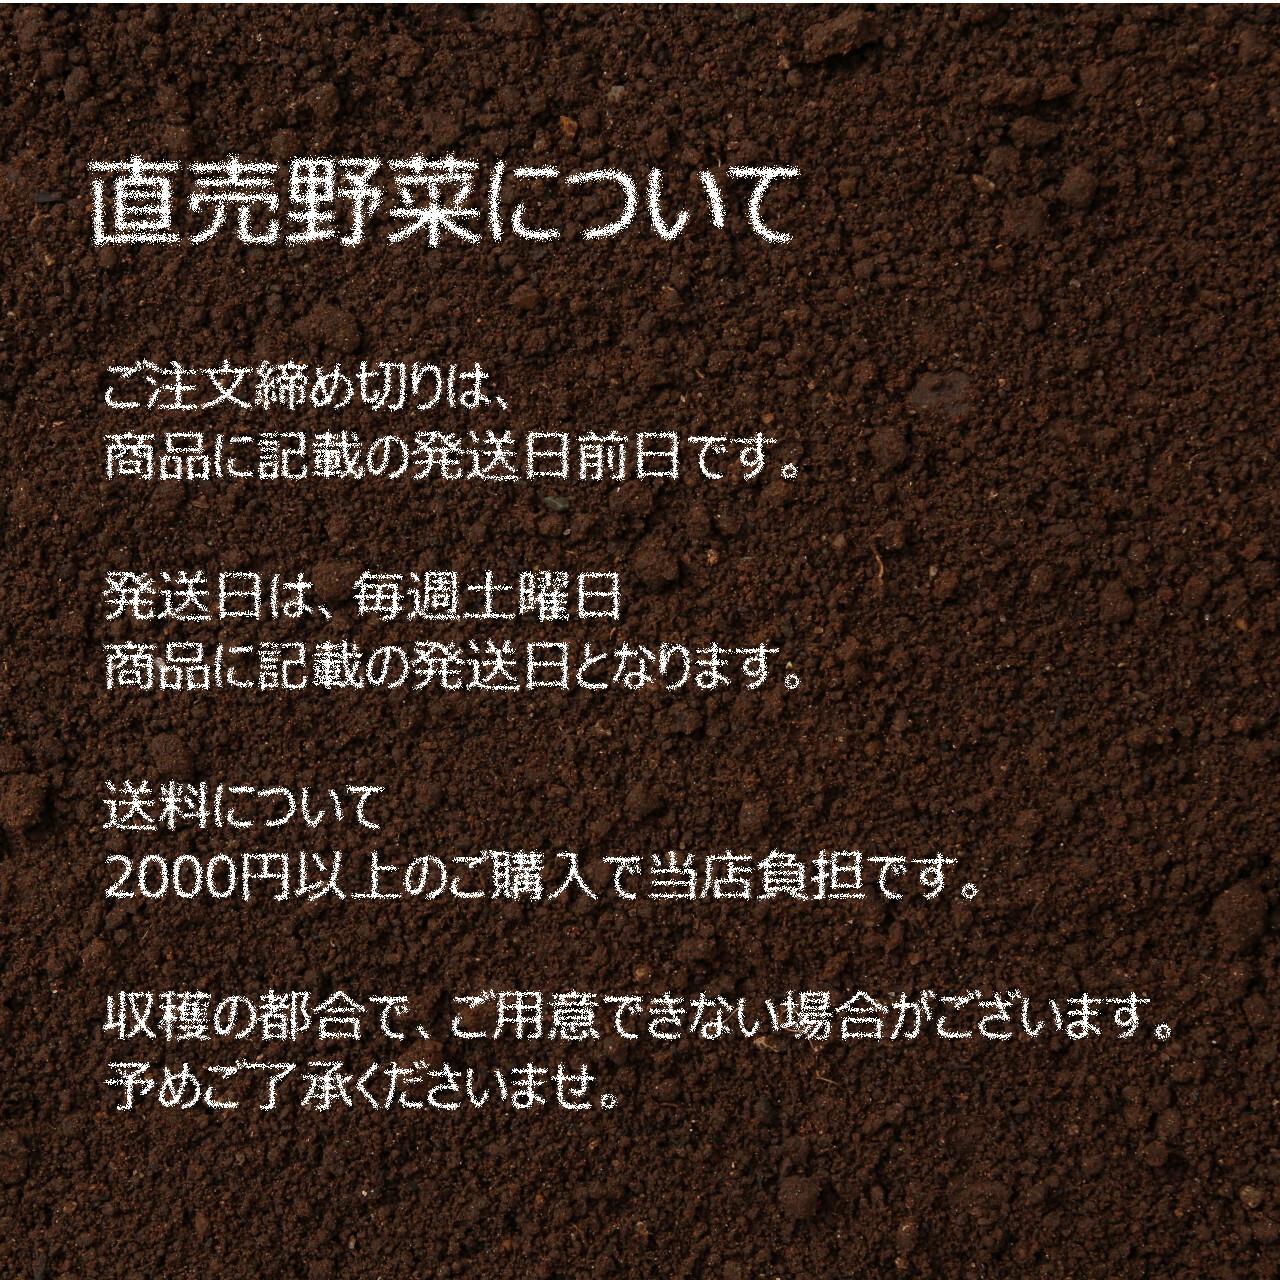 ナス 約400g : 6月の朝採り直売野菜  6月8日発送予定